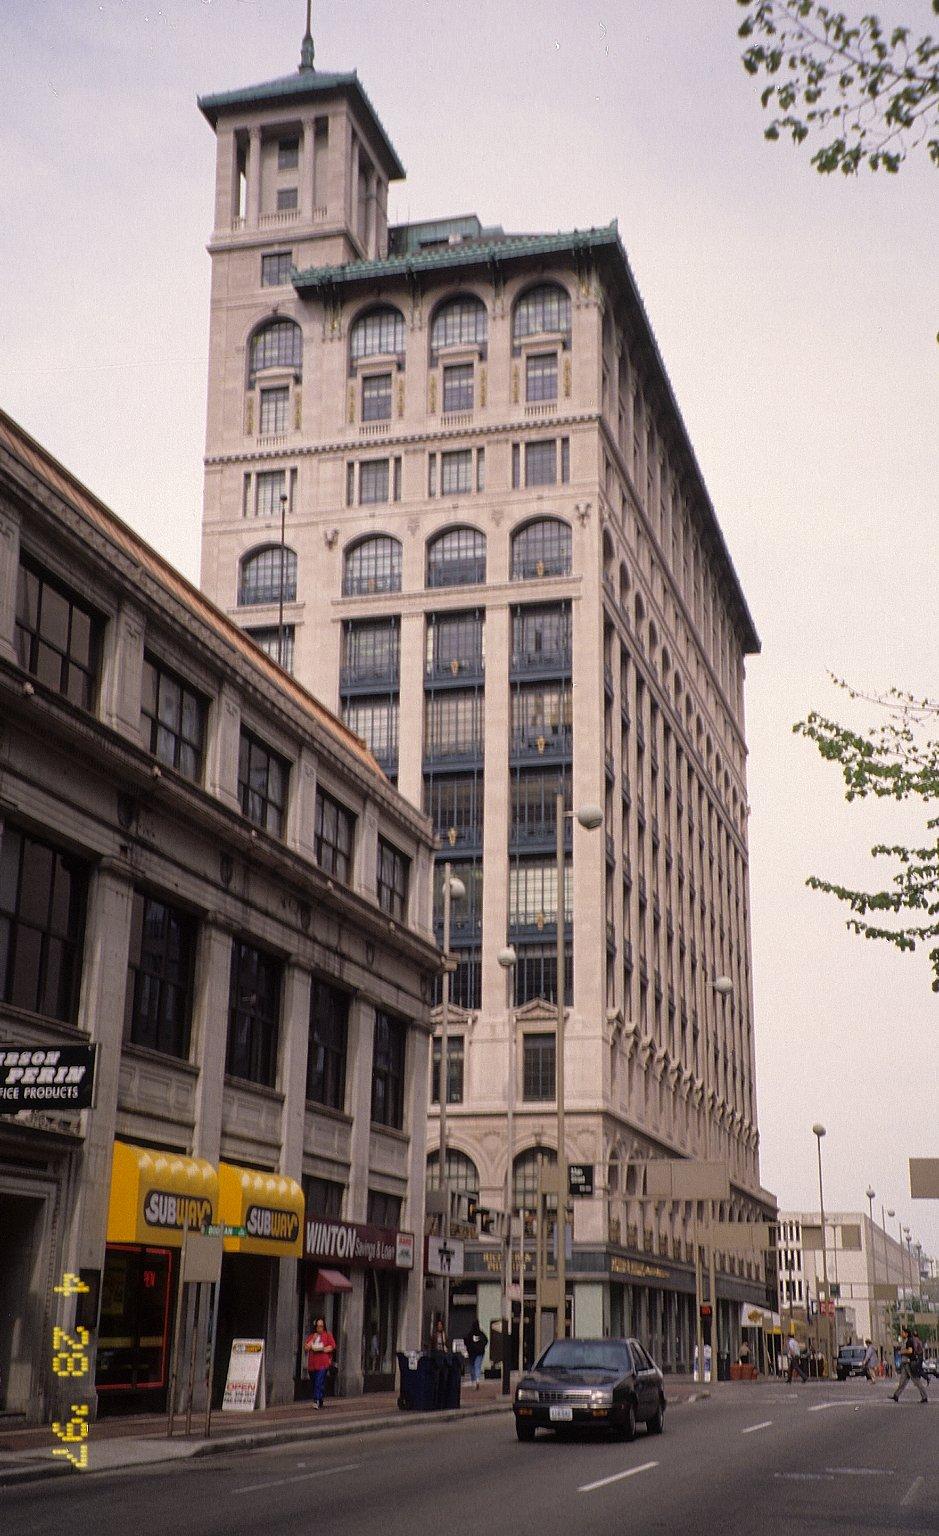 Gwynne Building